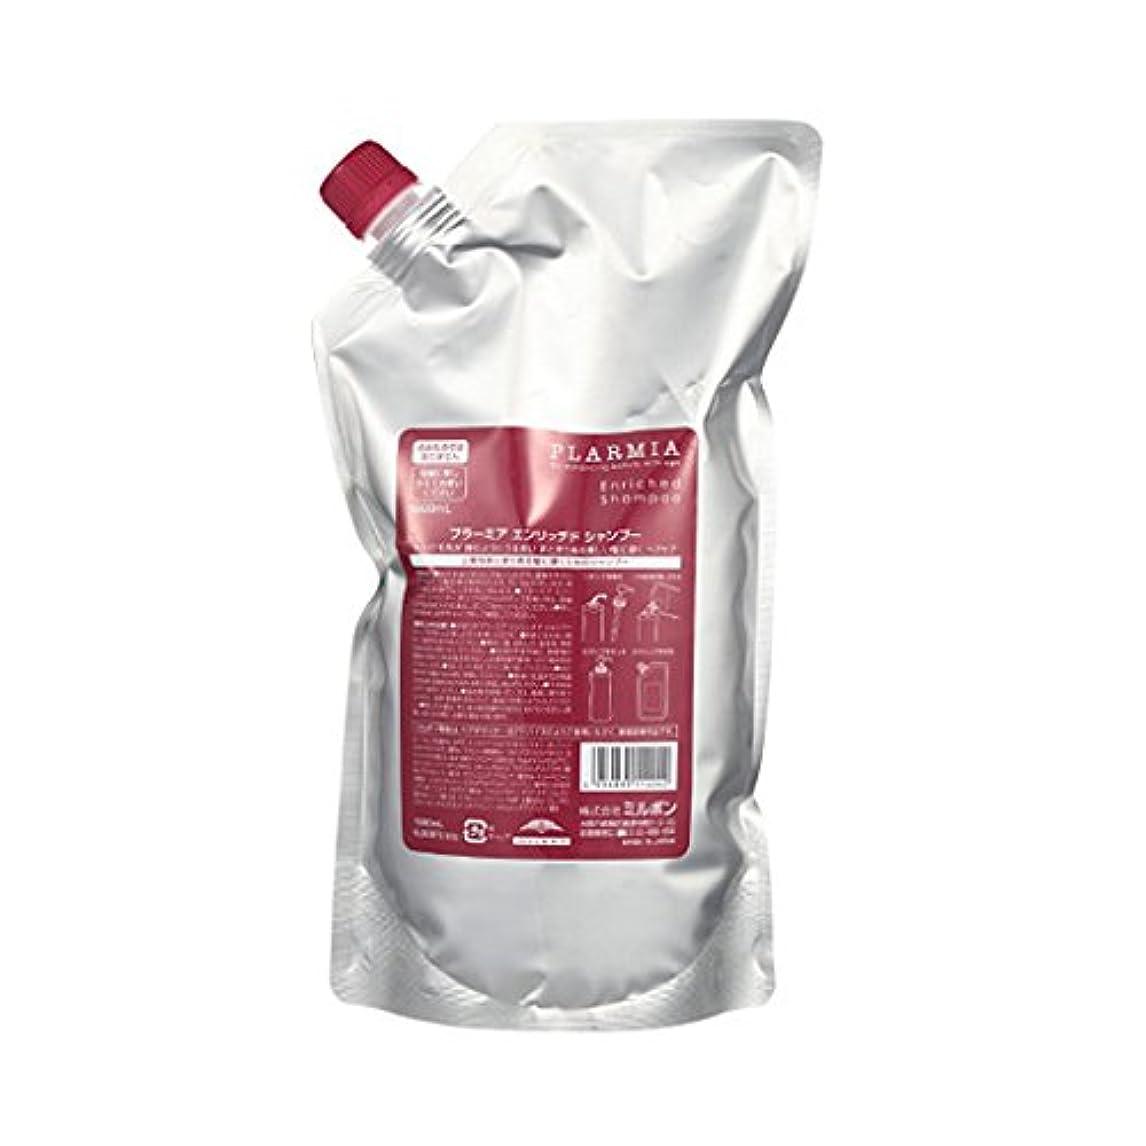 食用熟すデンマーク語ミルボン プラーミア エンリッチド シャンプー (1000mlパック) 詰替用